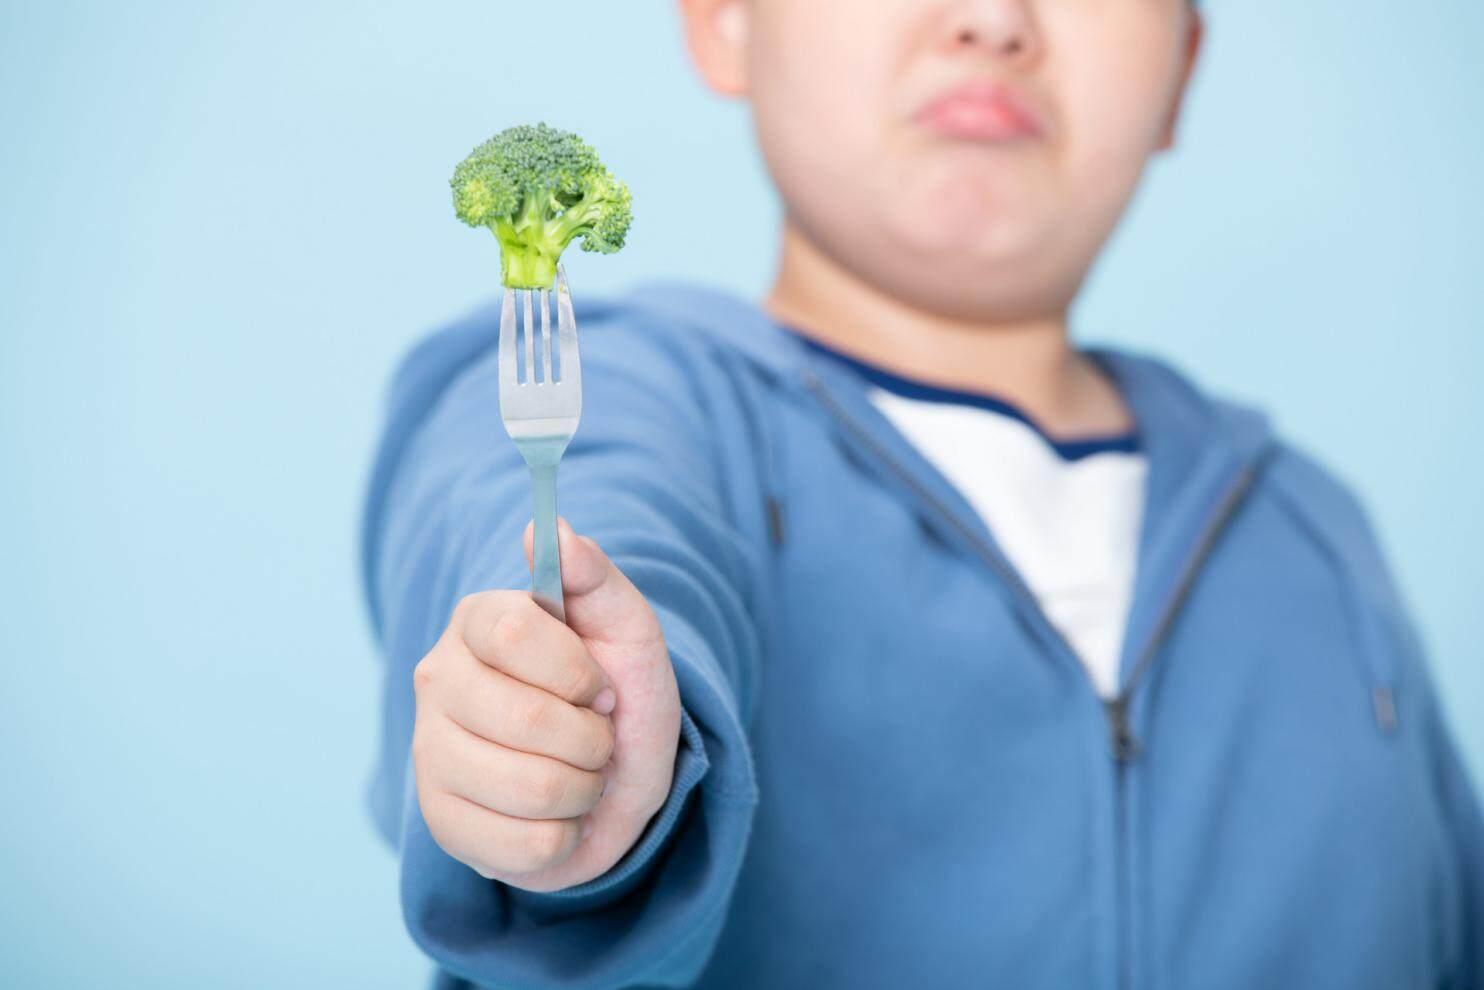 孩子夏季如何健康饮食?家中可以常备牛初乳钙片